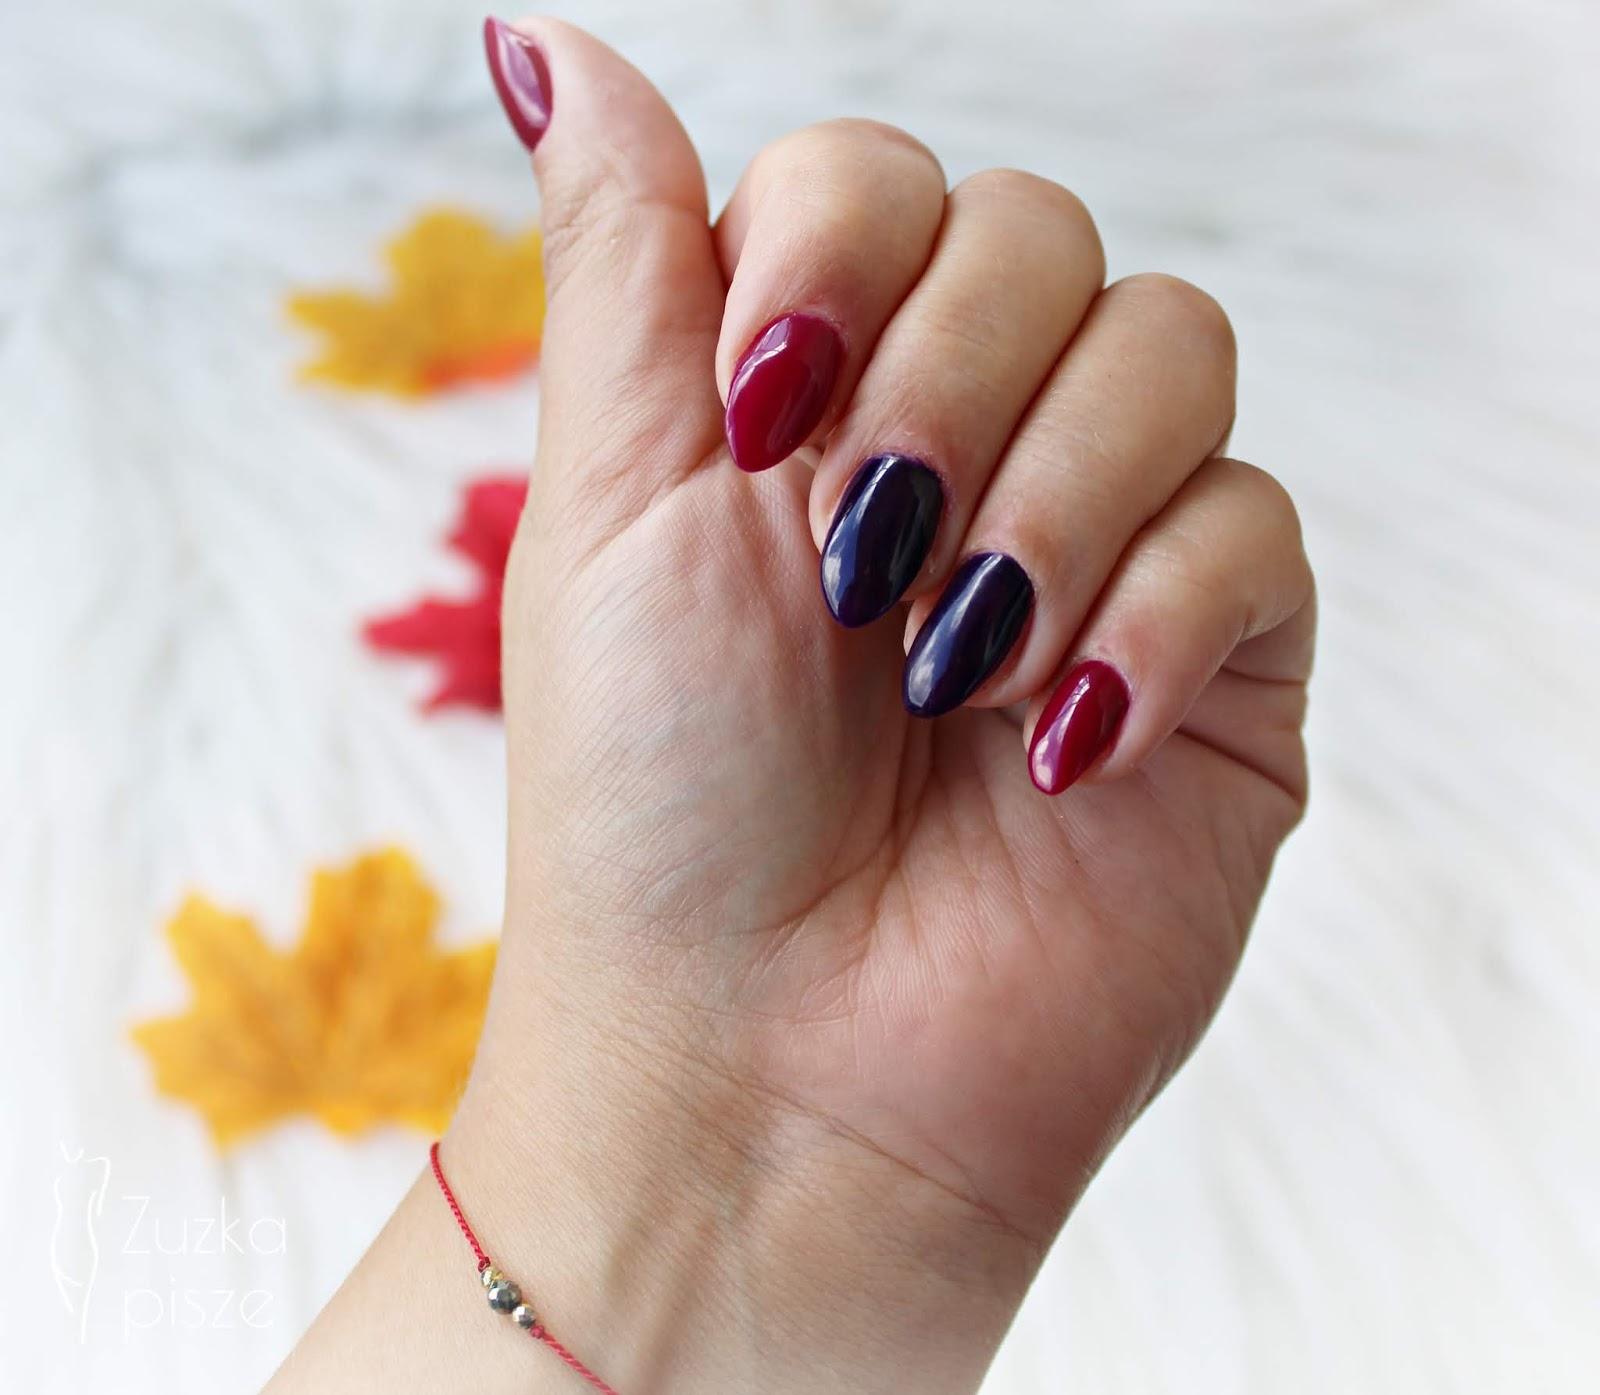 Jesienna elegancja z kolorami Say My Name & Bad Girls z nowej kolekcji DIVINITY by Osi Ugonoh - Nails Company